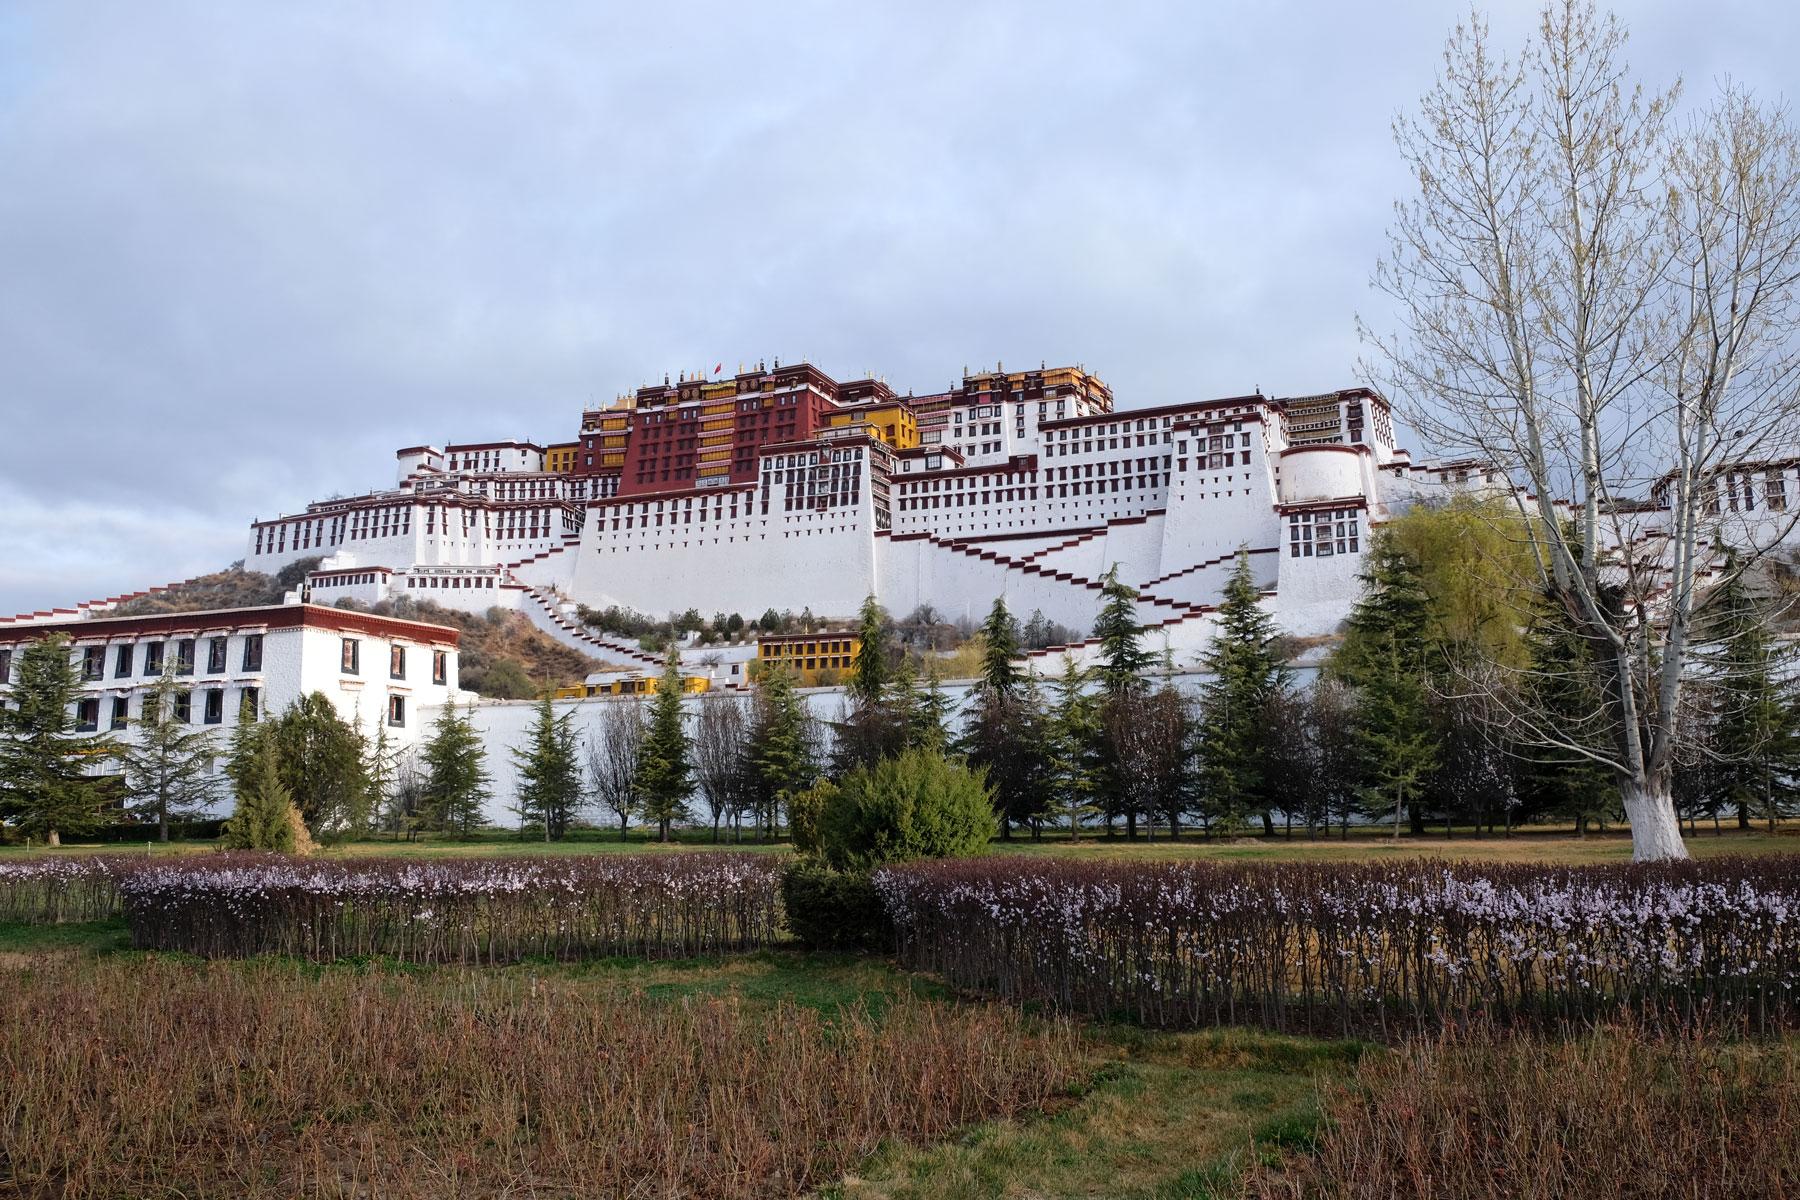 Der Potala-Palast des Dalai Lamas erhebt sich über der Blumenwiese in Lhasa in Tibet.